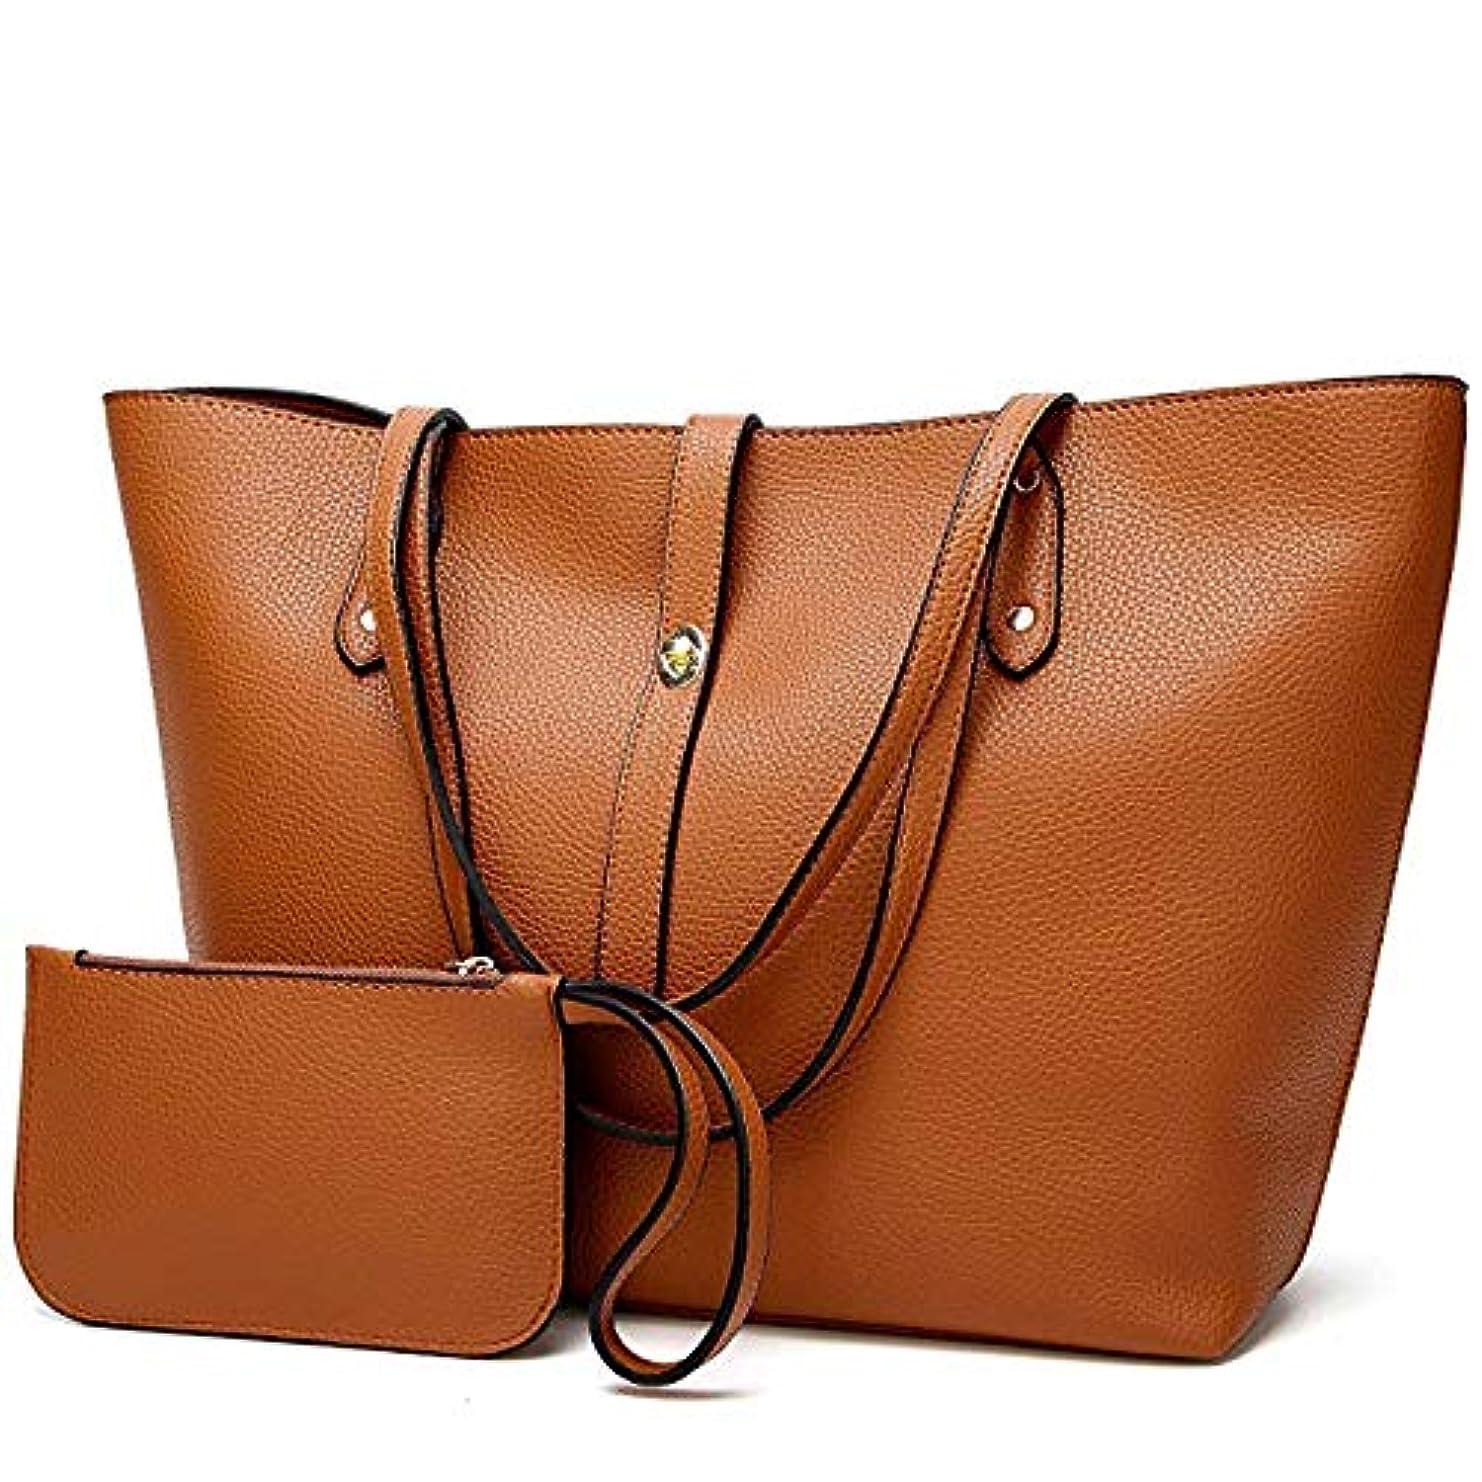 覆す抽選偏心[TcIFE] ハンドバッグ レディース トートバッグ 大容量 無地 ショルダーバッグ 2way 財布とハンドバッグ